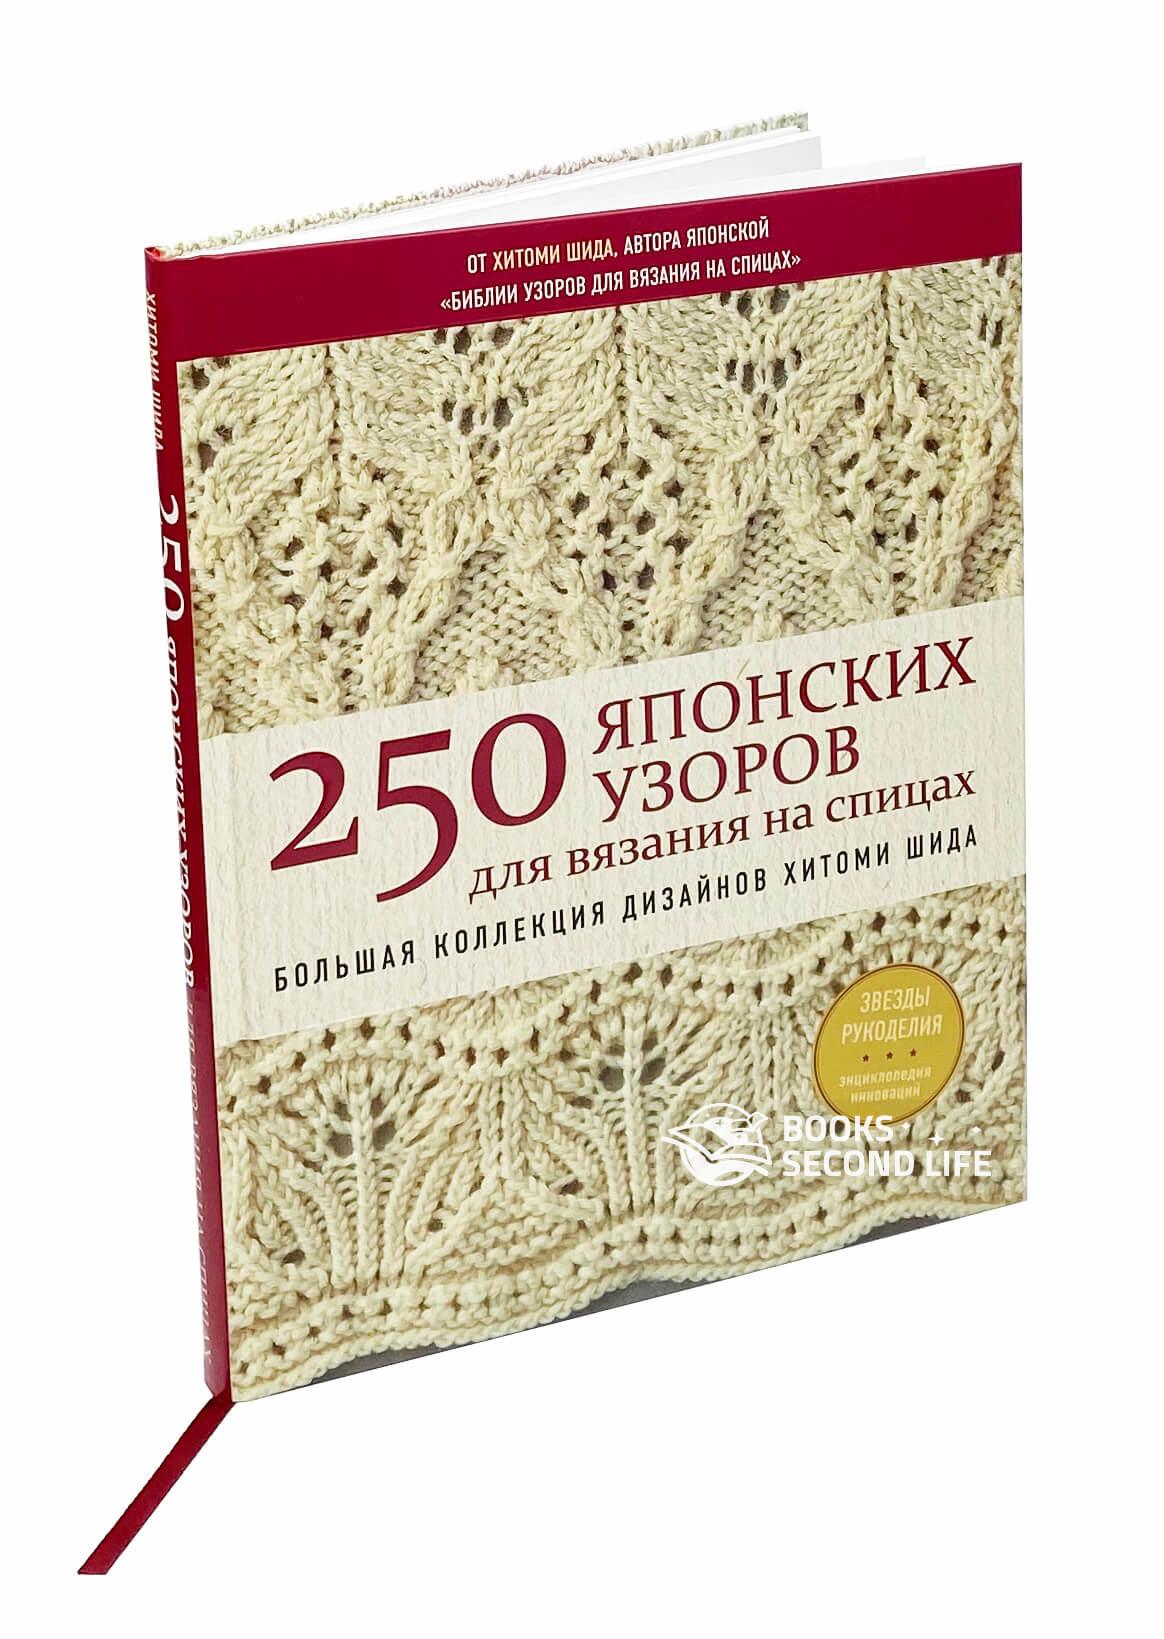 250 японских узоров для вязания на спицах. Большая коллекция дизайнов Хитоми Шида. Автор — Хитоми Шида.